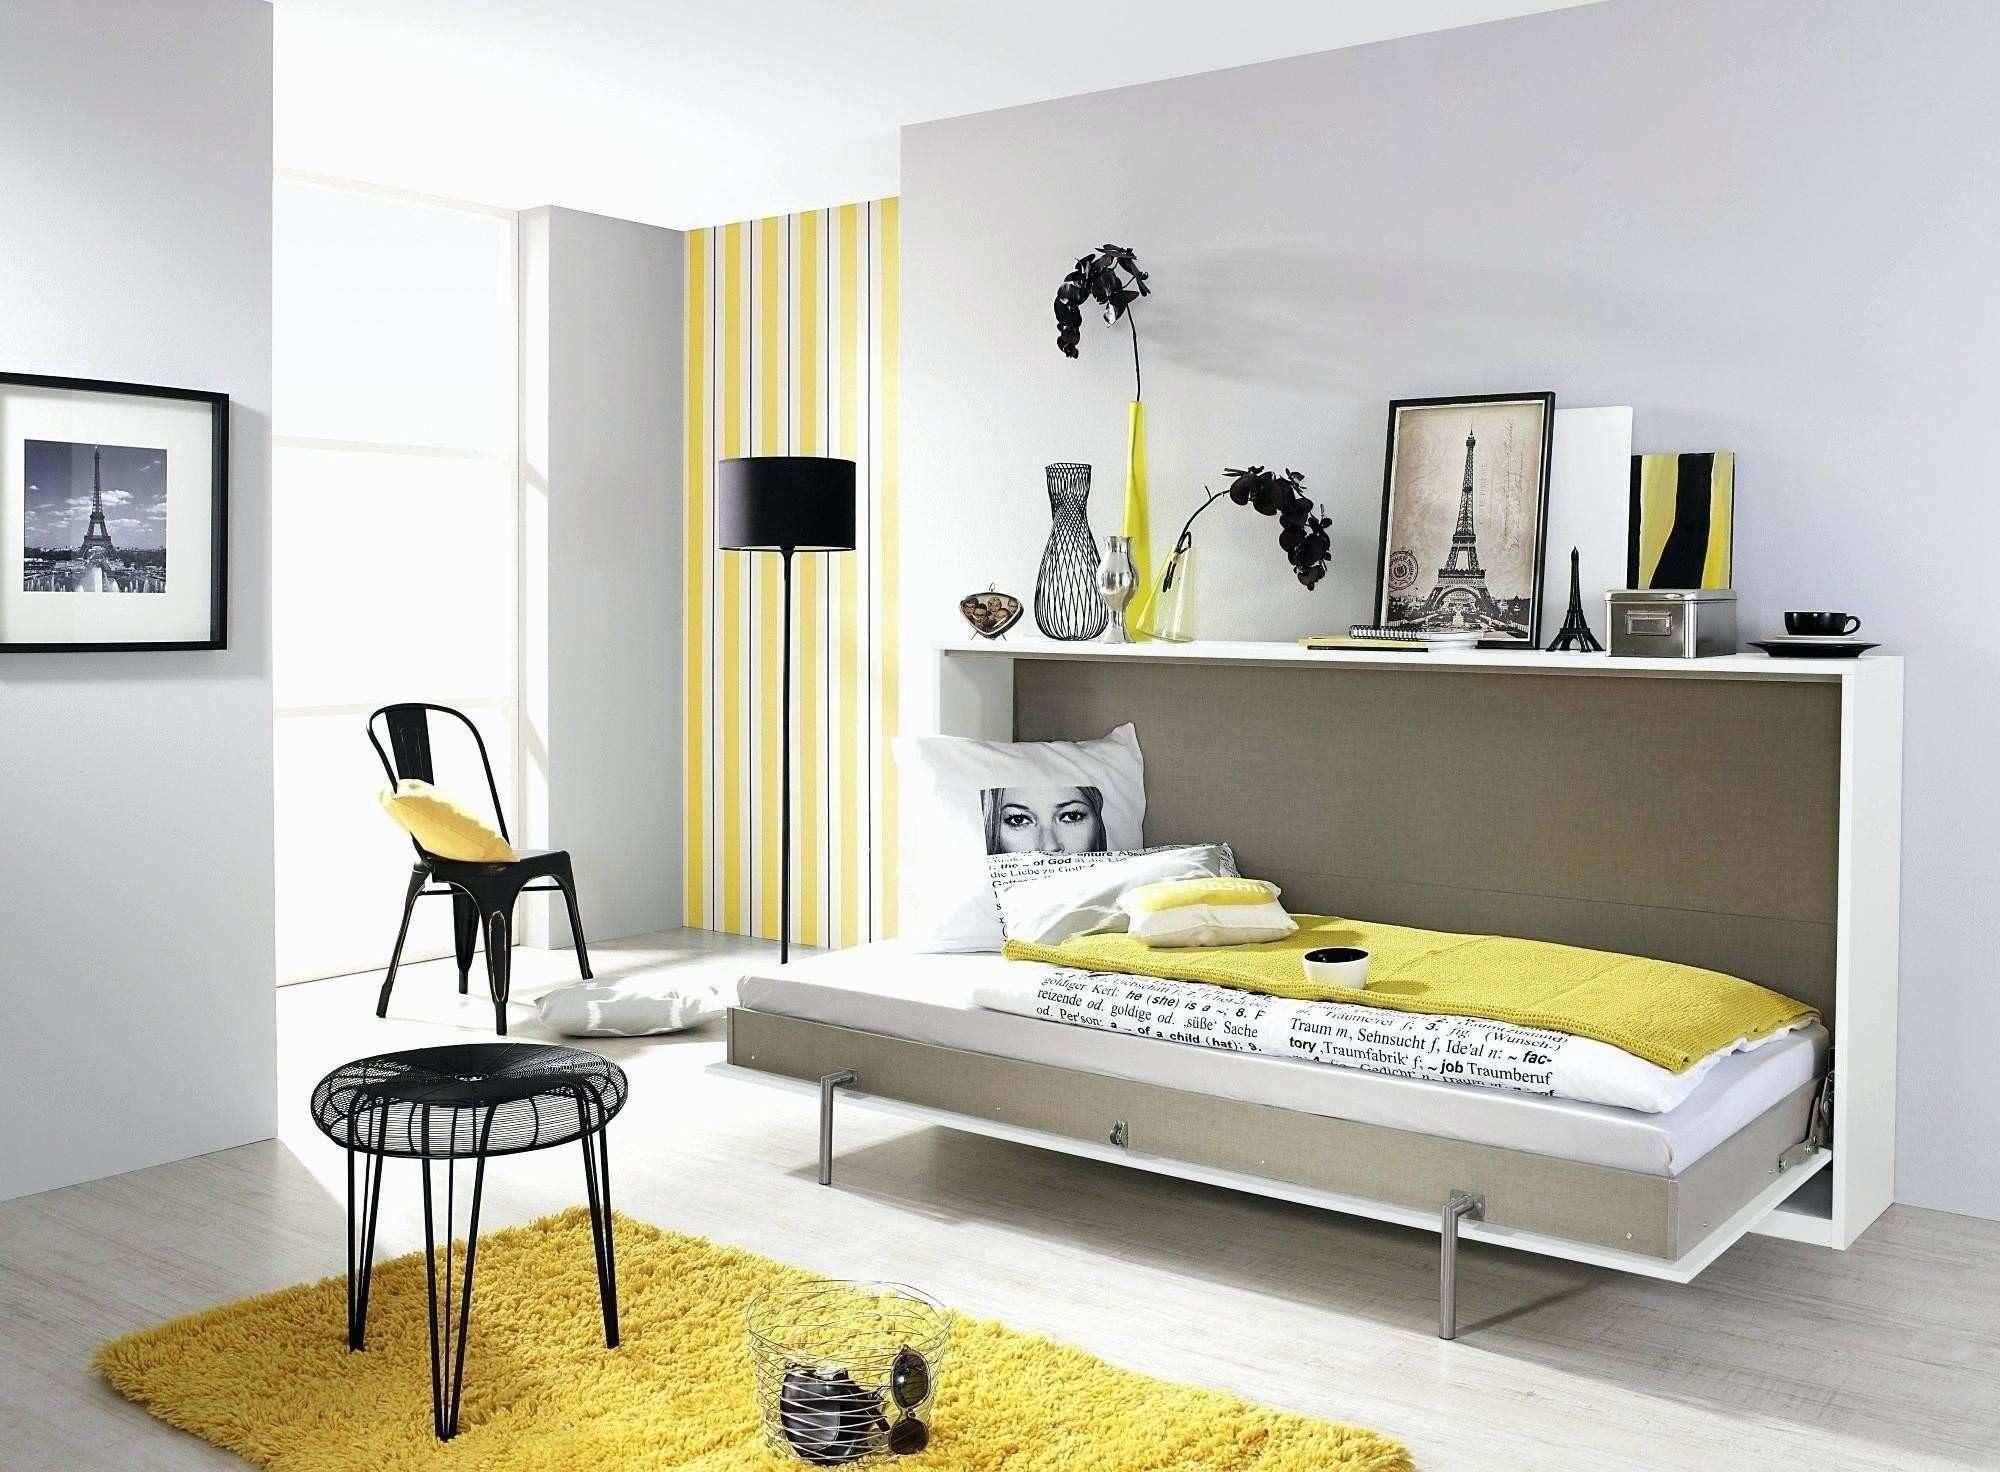 Lit Convertible Ikea Nouveau Belle Lit Armoire Escamotable Ikea Sur Lit Convertible 2 Places Ikea